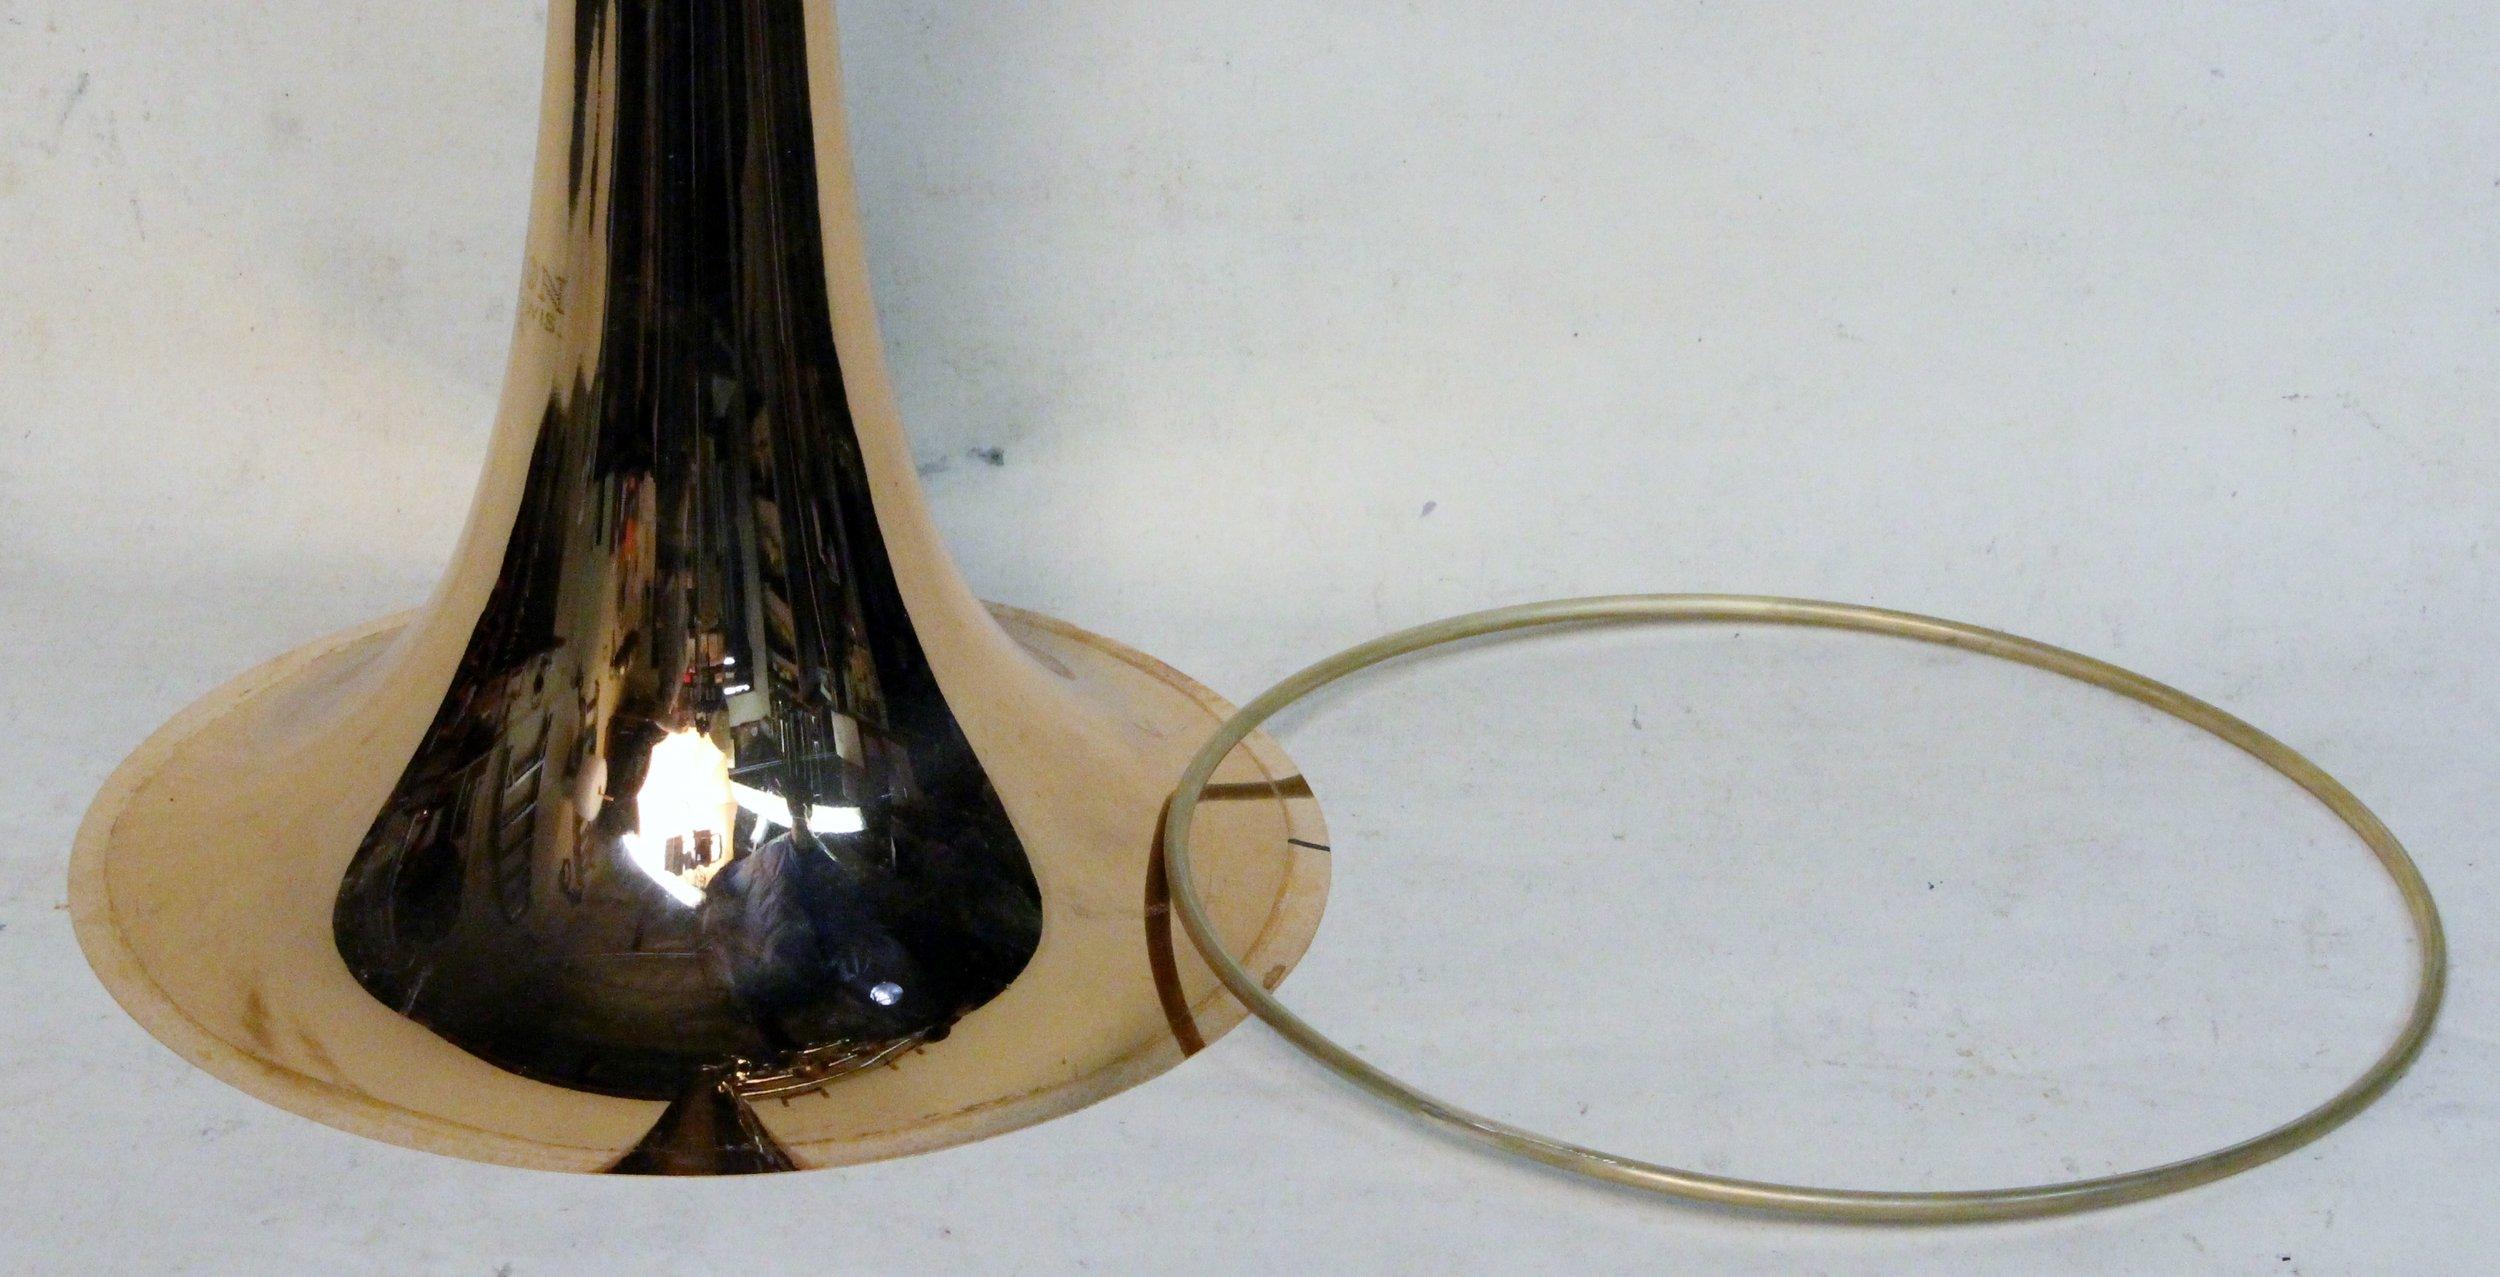 Replacing Bell Rims